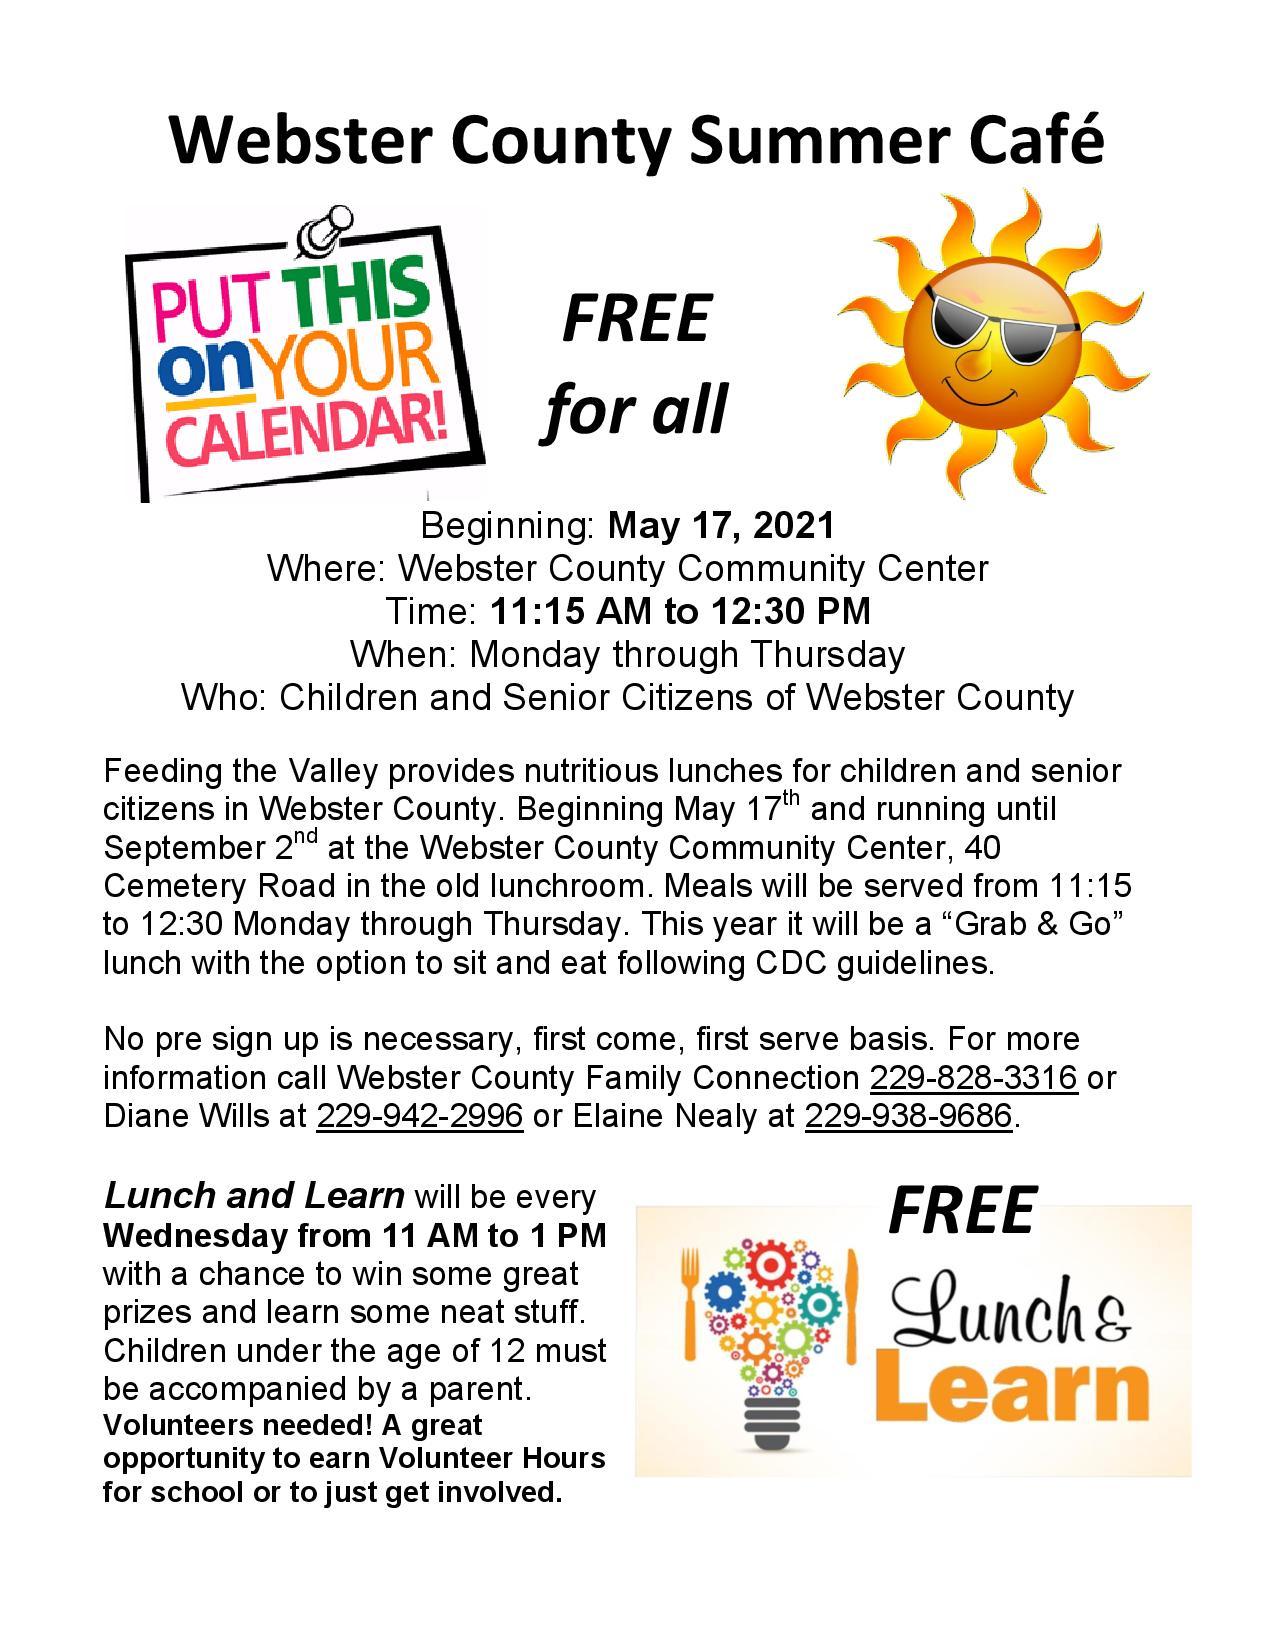 Webster County Summer Cafe'